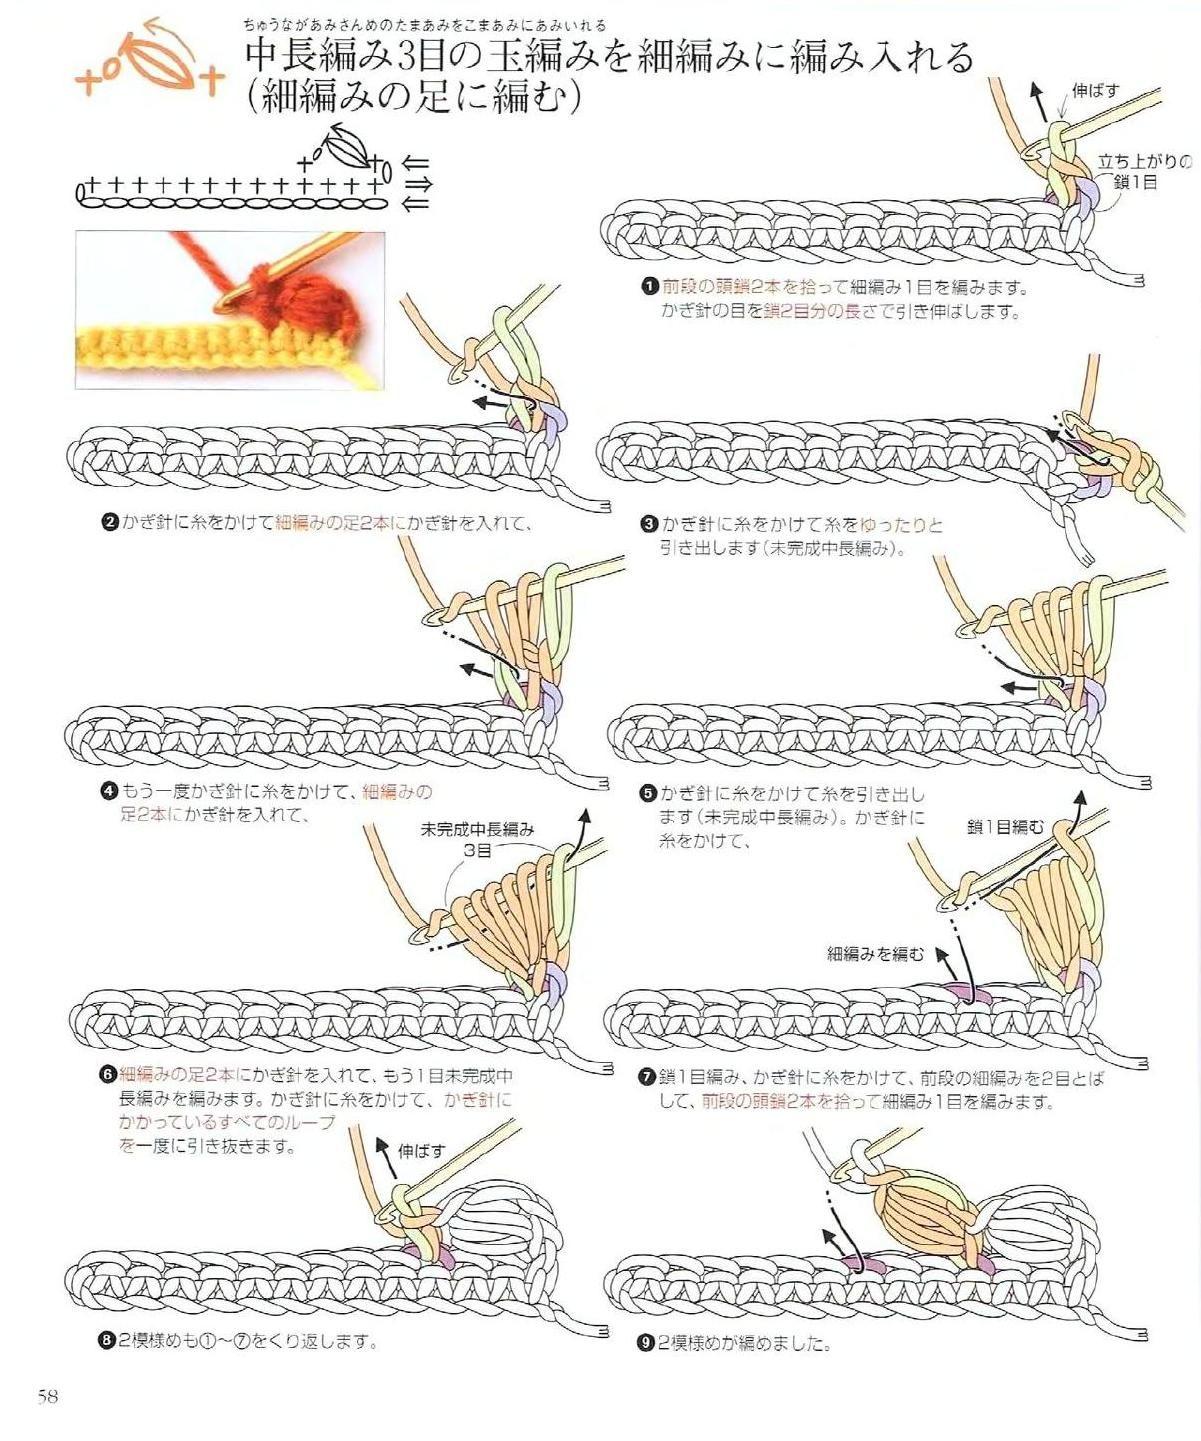 120 Basic Crochet Techniques Clippedonissuu Crochet Basics Crochet Techniques Crochet Stitches Guide